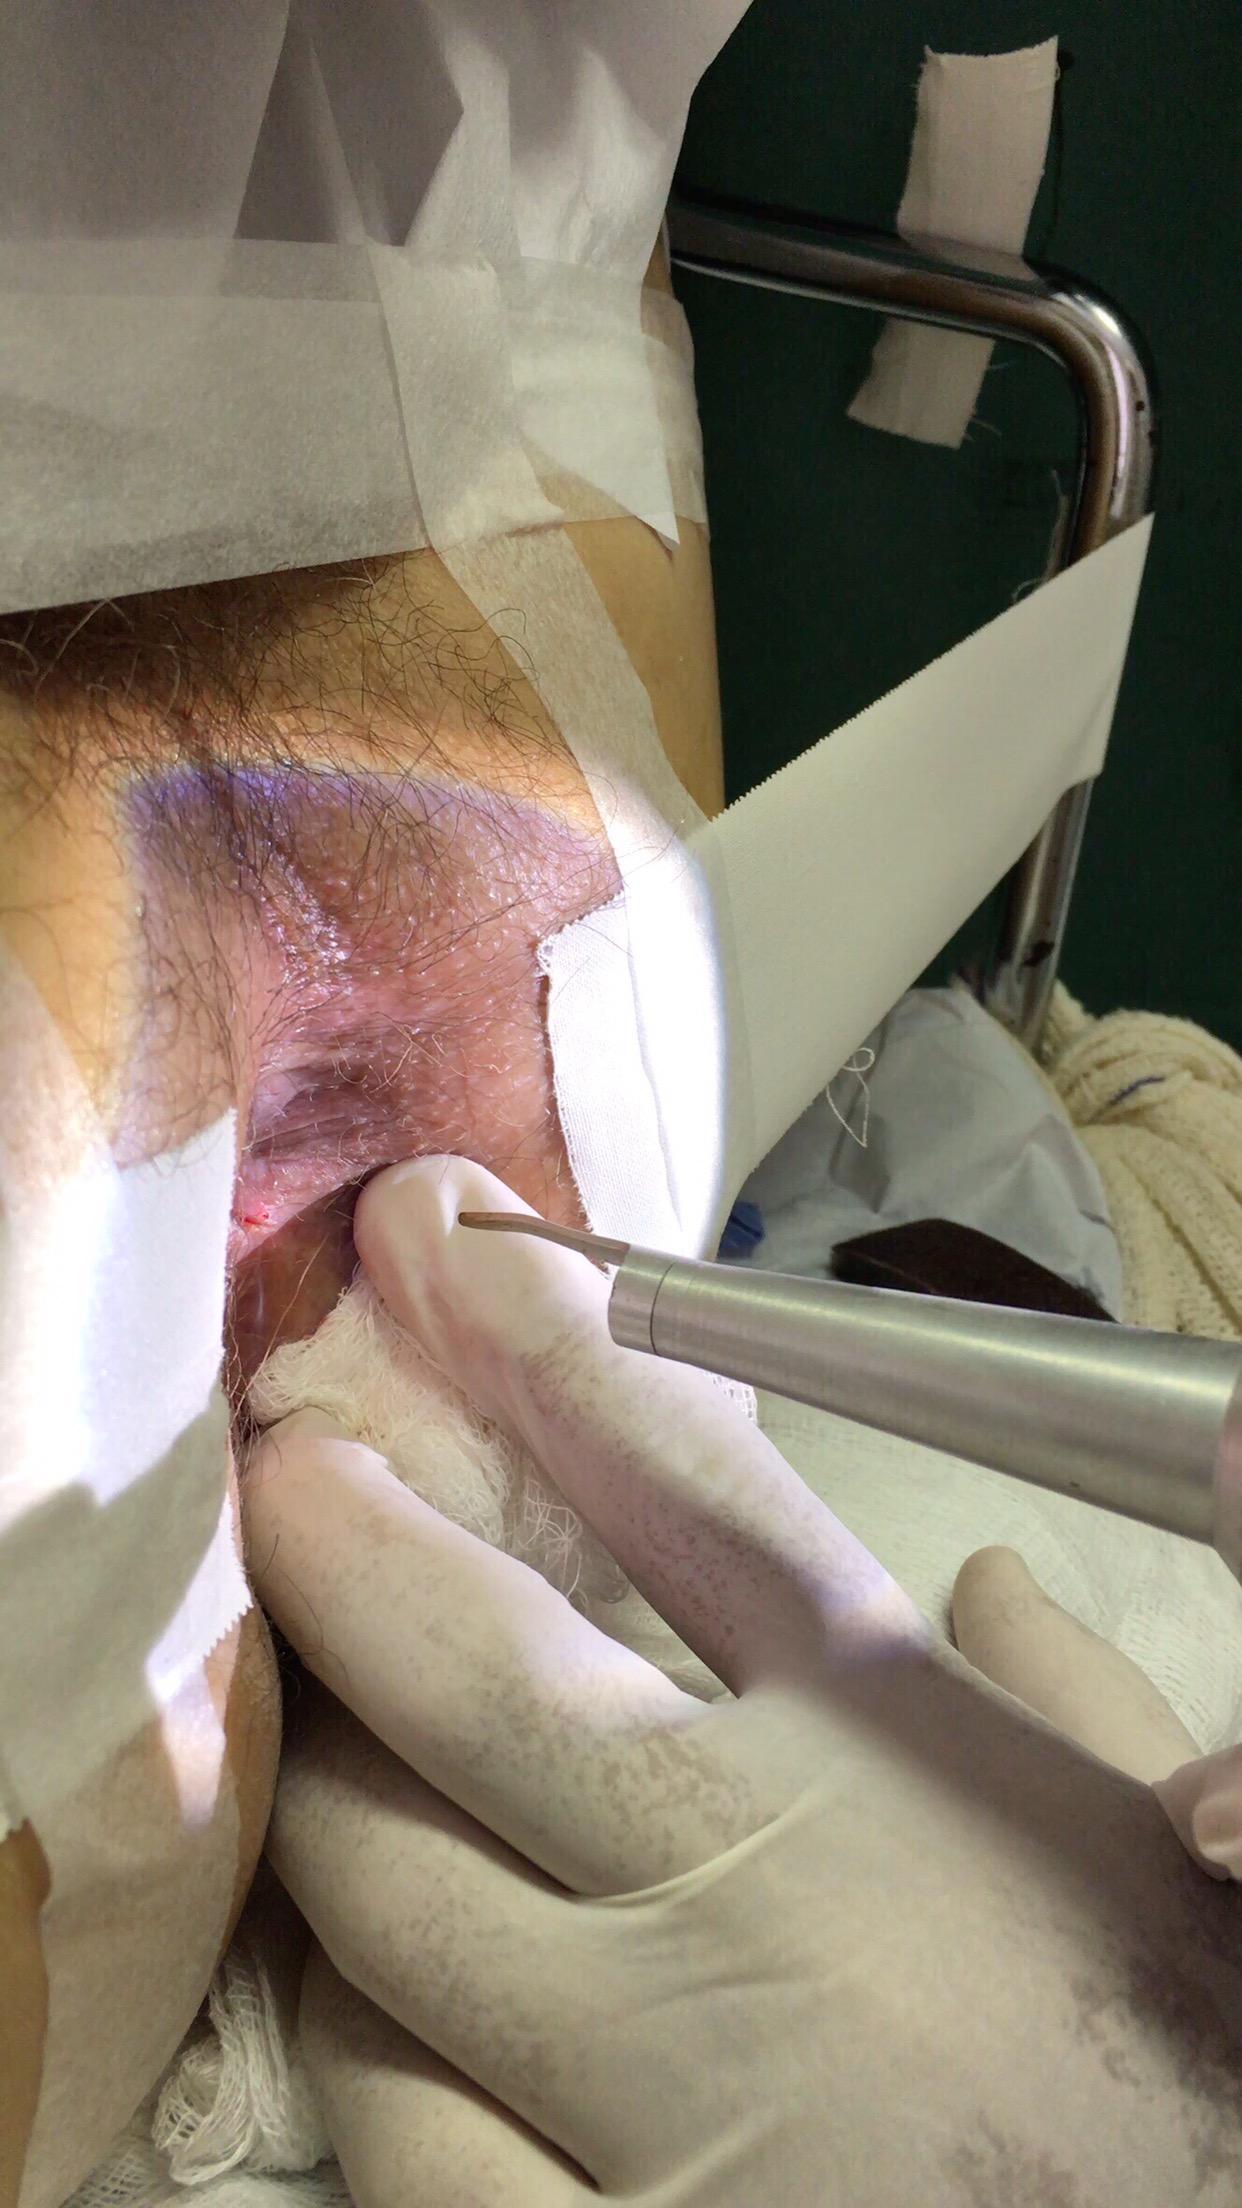 Verrugas de hpv na foto veja o tratamento com o laser.